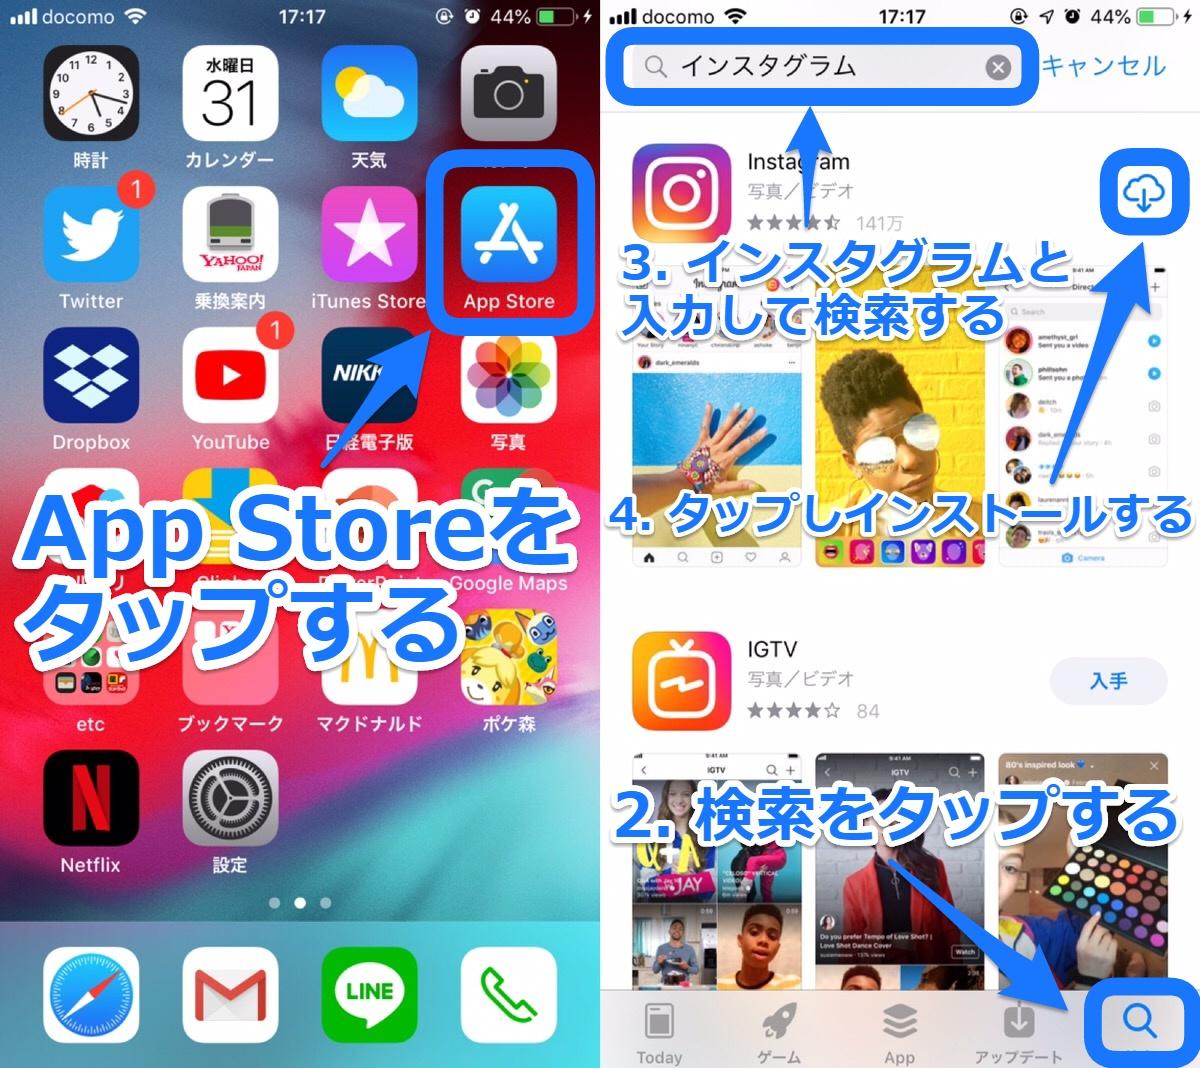 AppStoreを多ぷする、検索をタップする、Instagramと入力して検索する、雲のマークをタップしインストールする